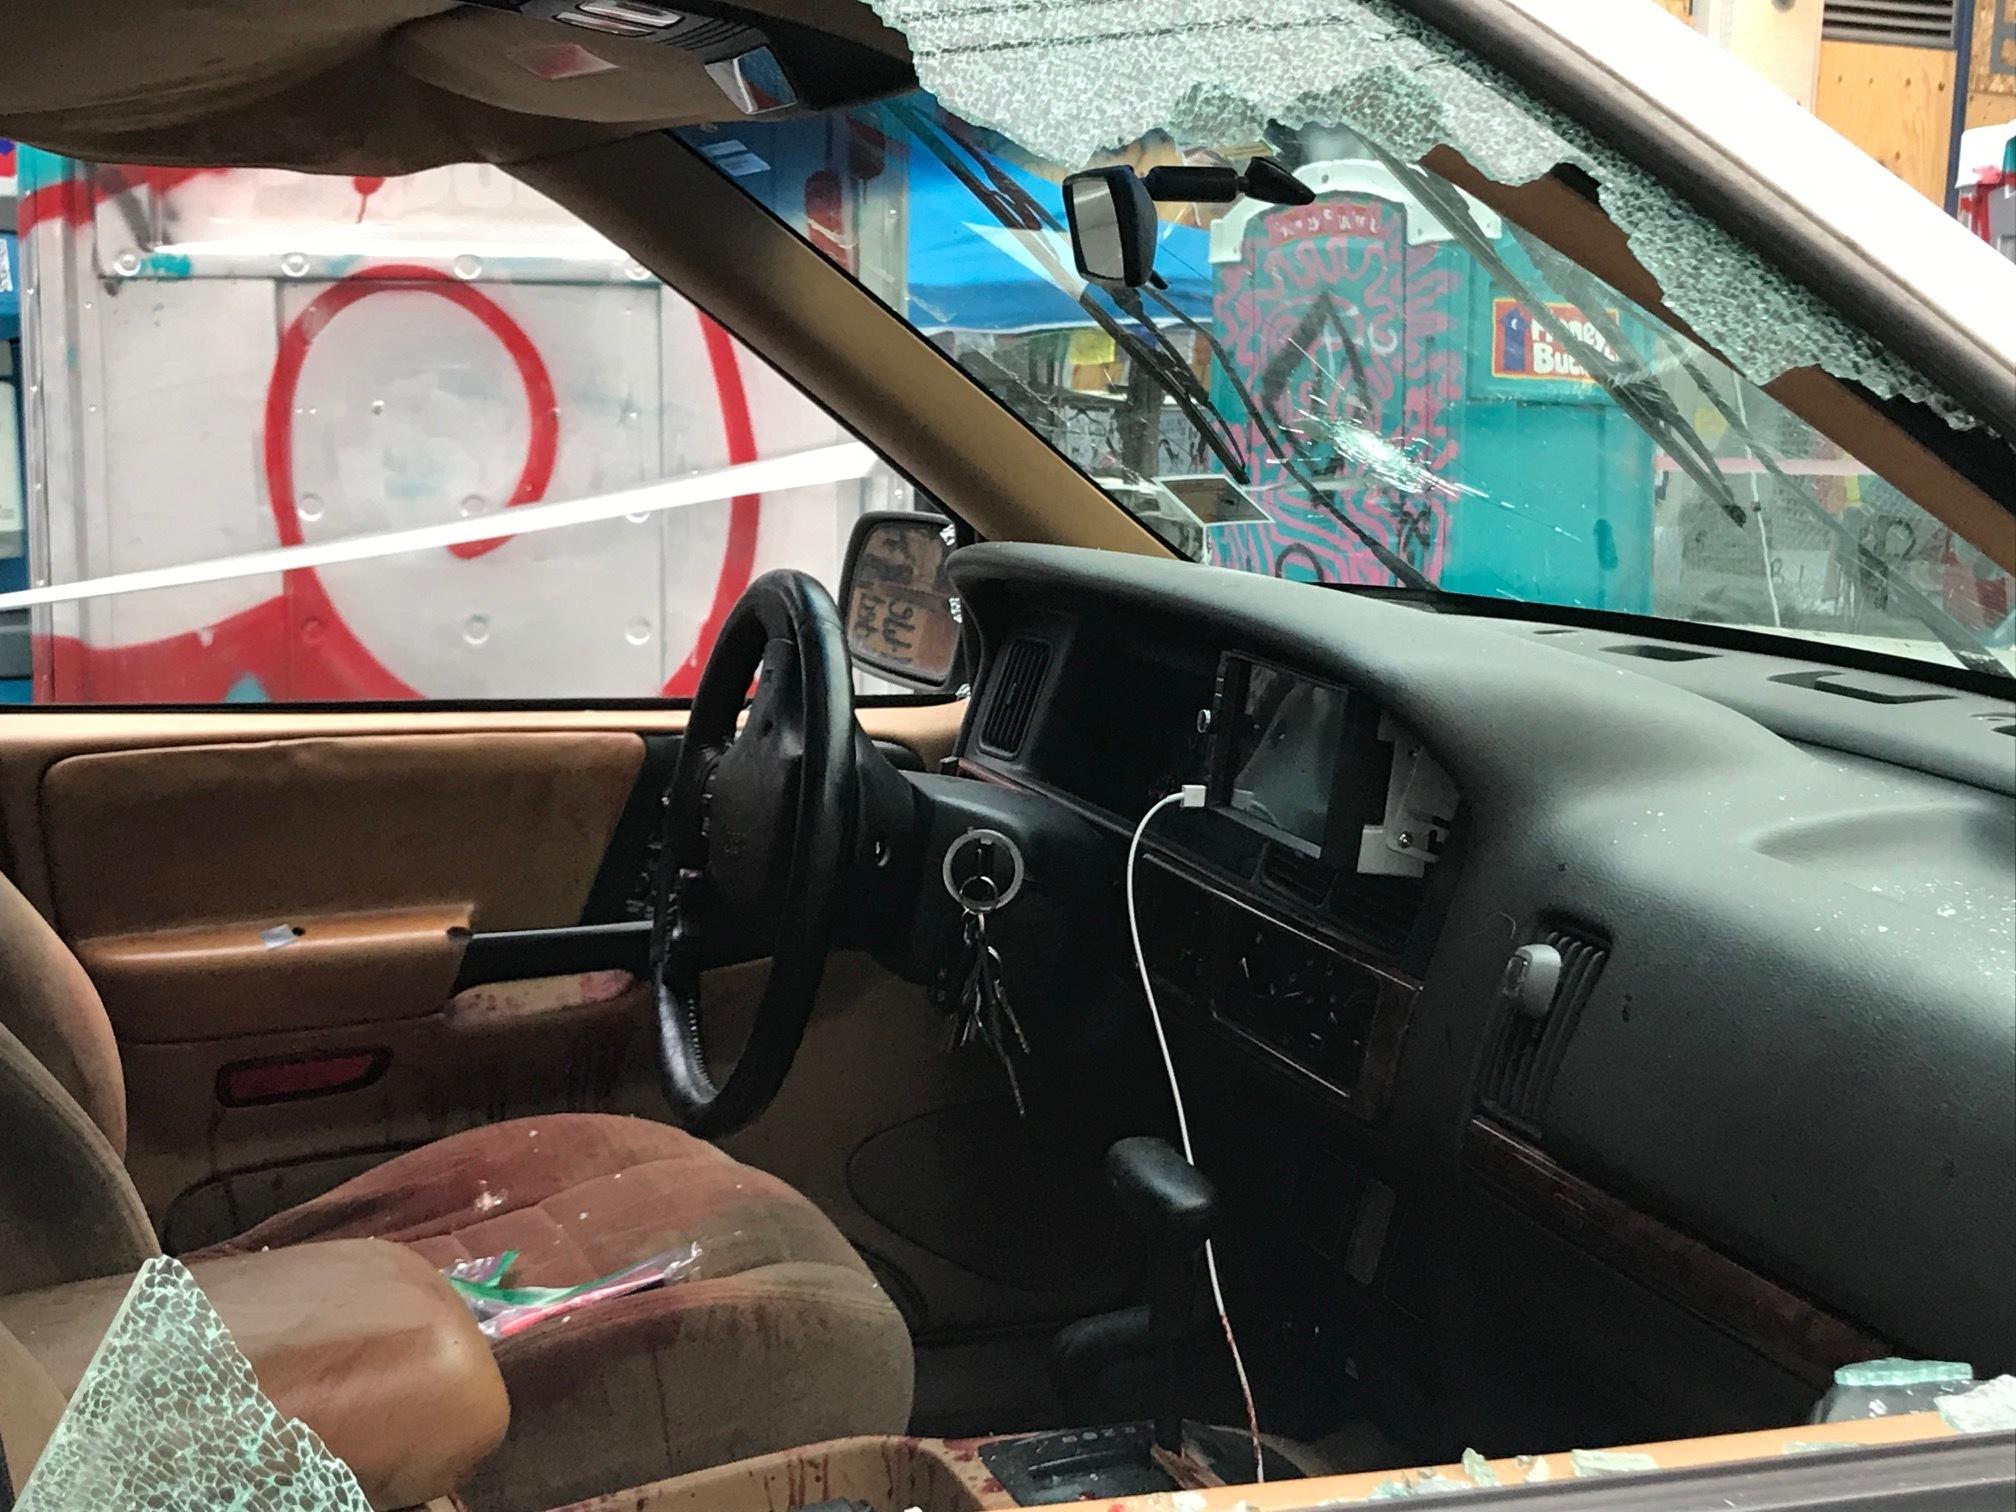 兩名少年意圖開車闖入沒有警察監管的示威區,結果引發槍戰。圖為車窗遭人開槍擊碎。    美聯社